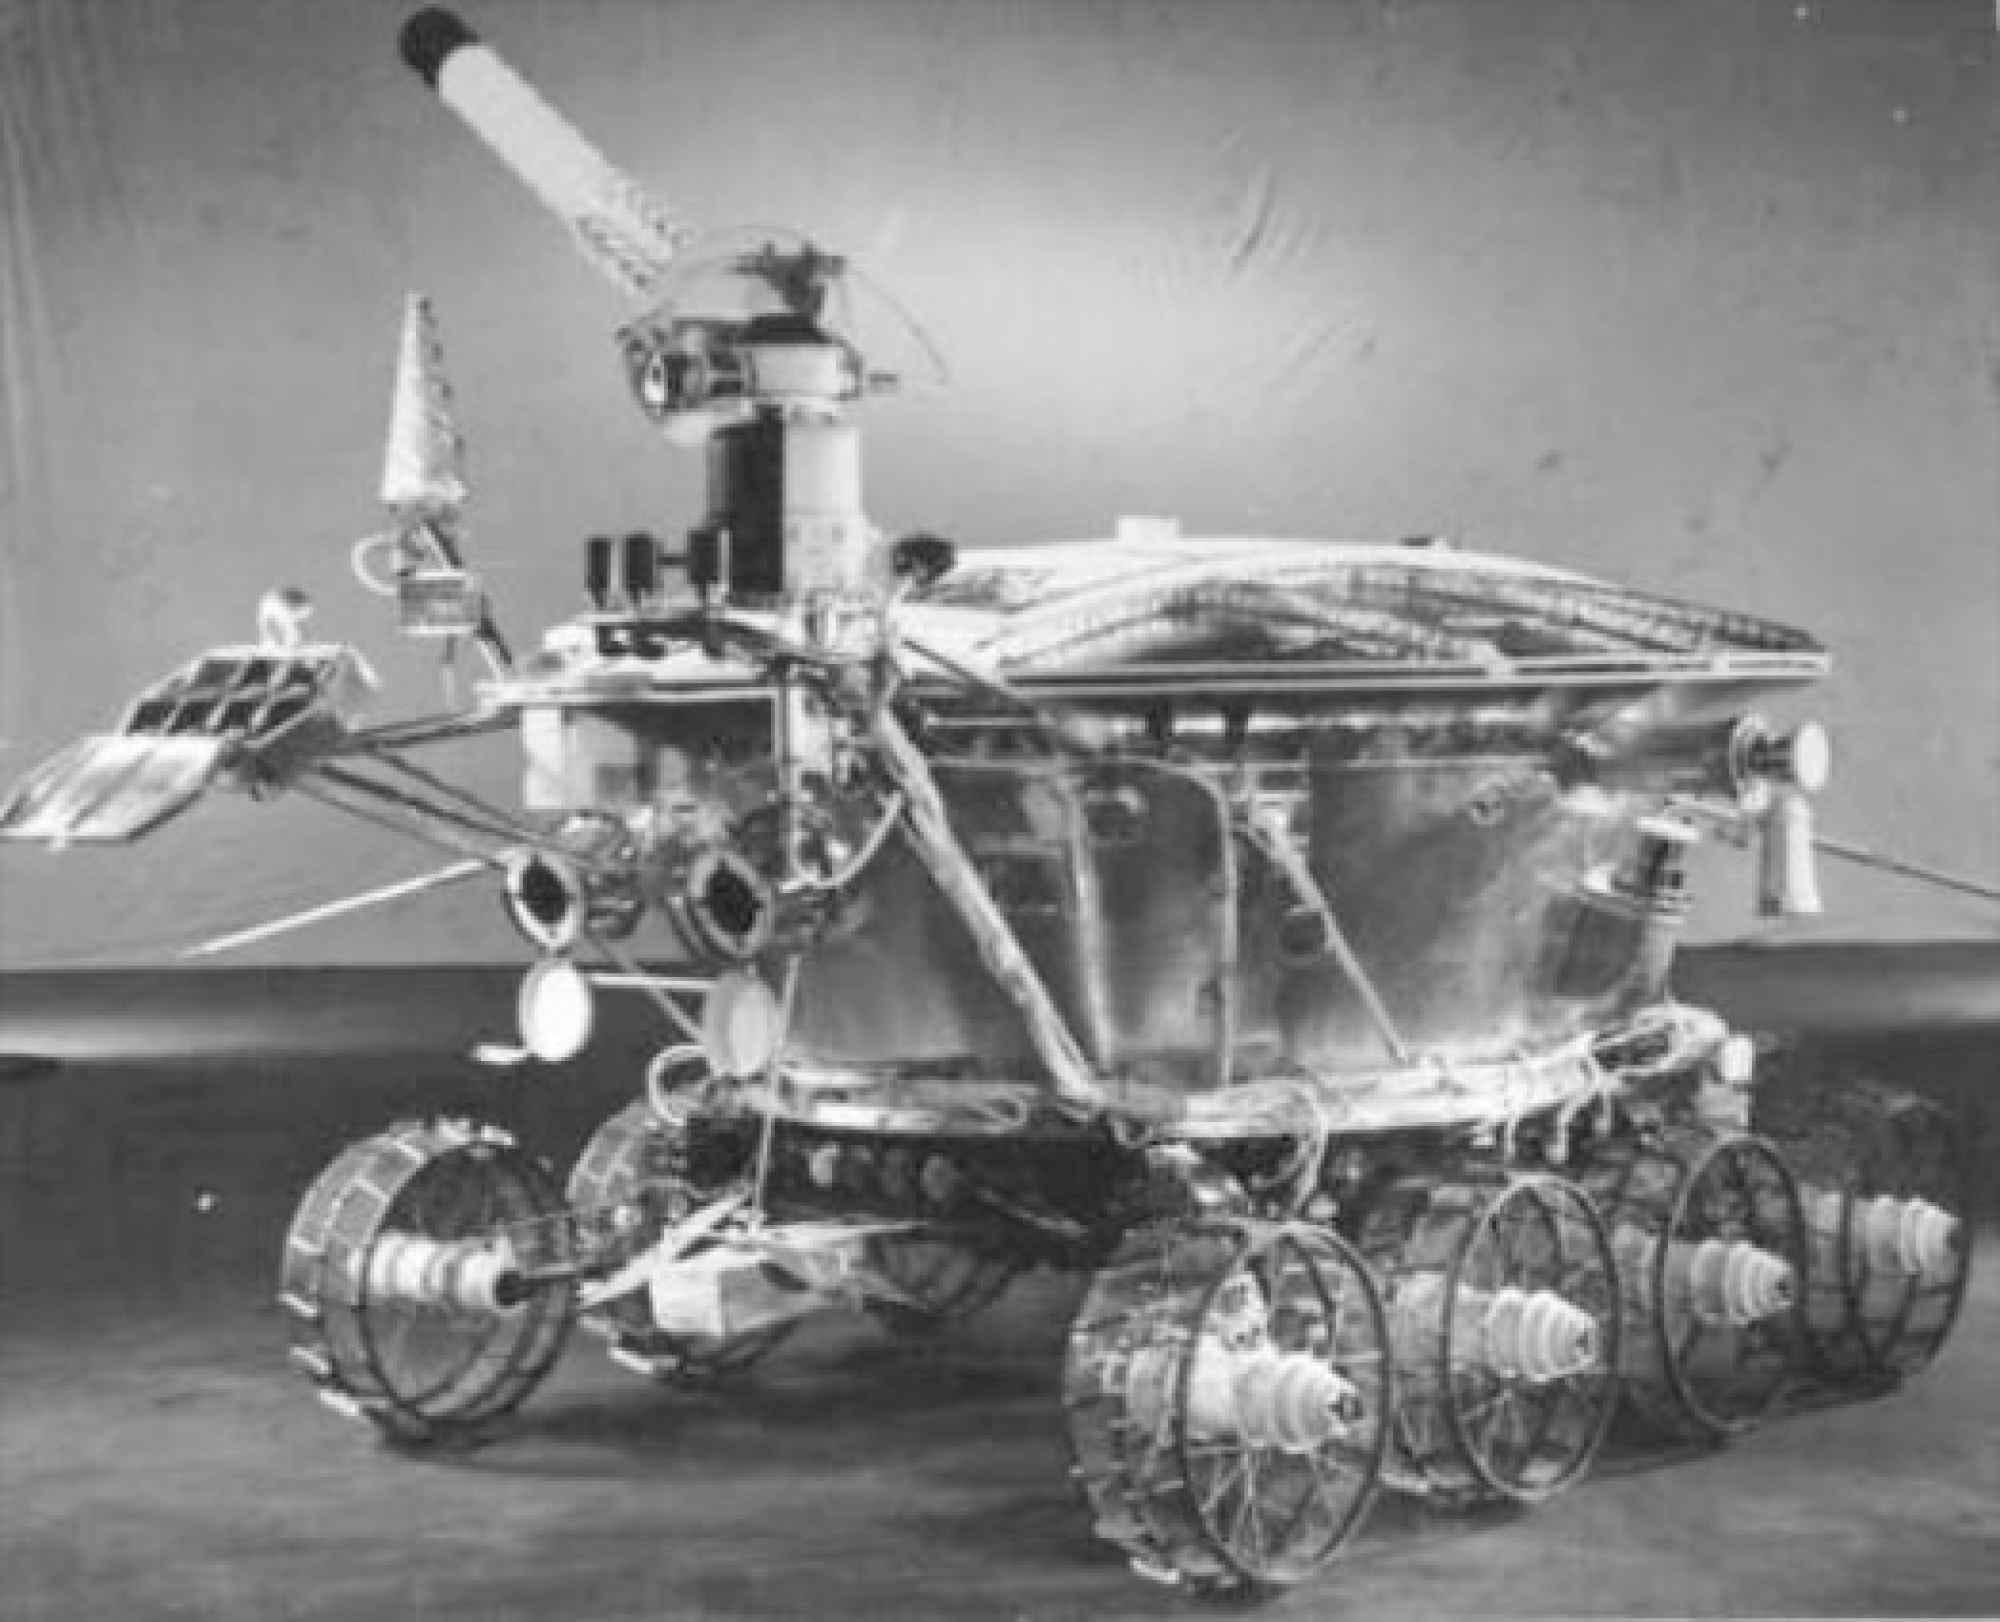 Lunokhod 1 ble den første bilen som kjørte rundt på månens overflate den 17.november 1971. Selv om den var fjernstyrt, skal ingen ta fra russerne den prestasjonen